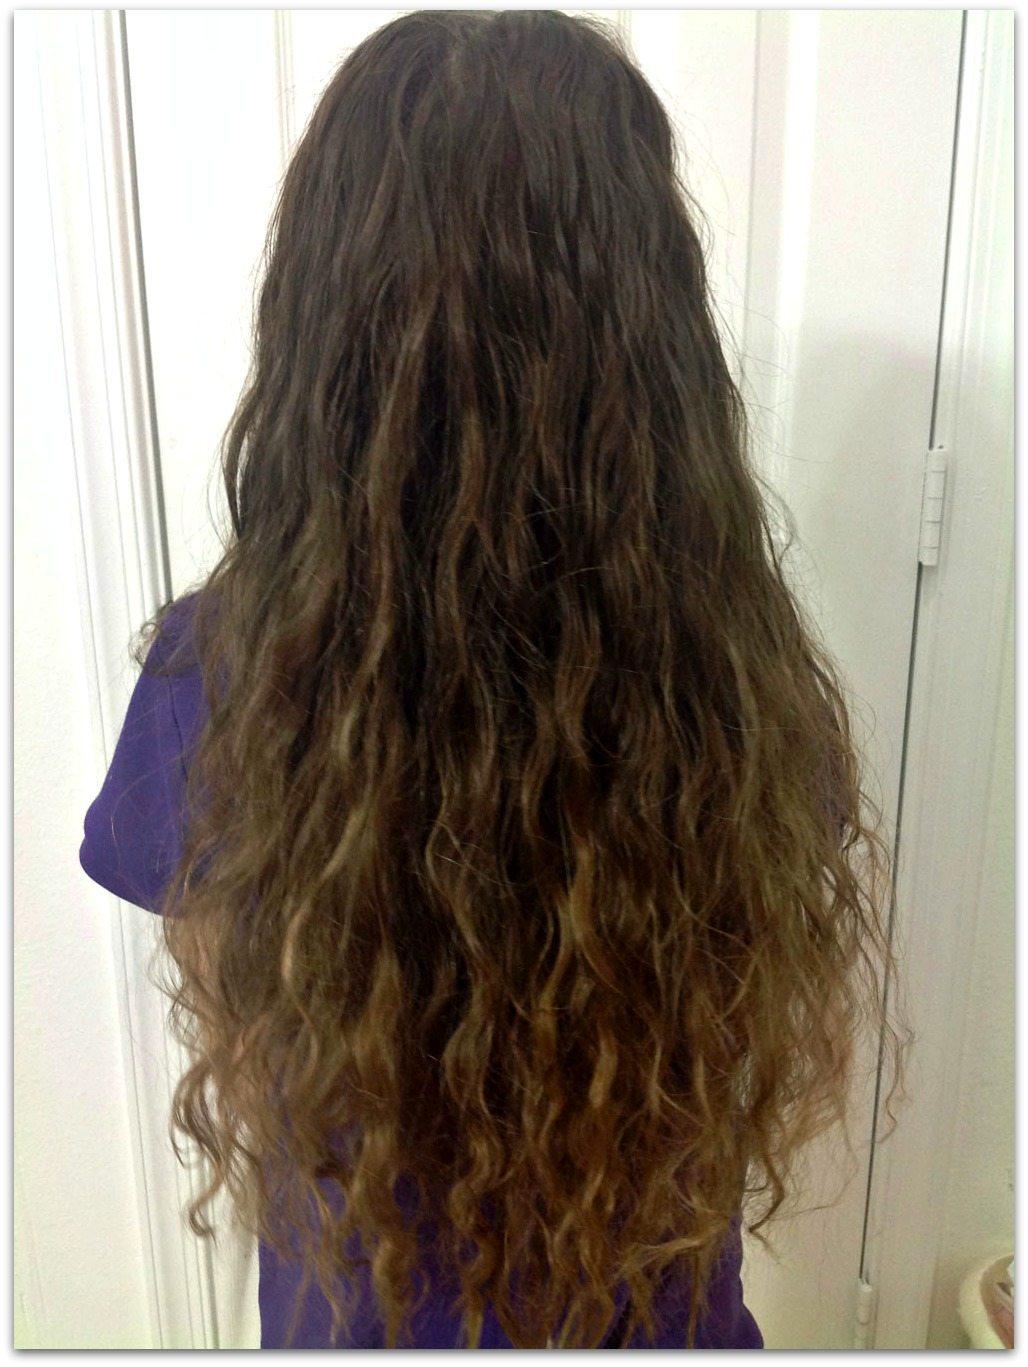 Braid Created Wavy Hair